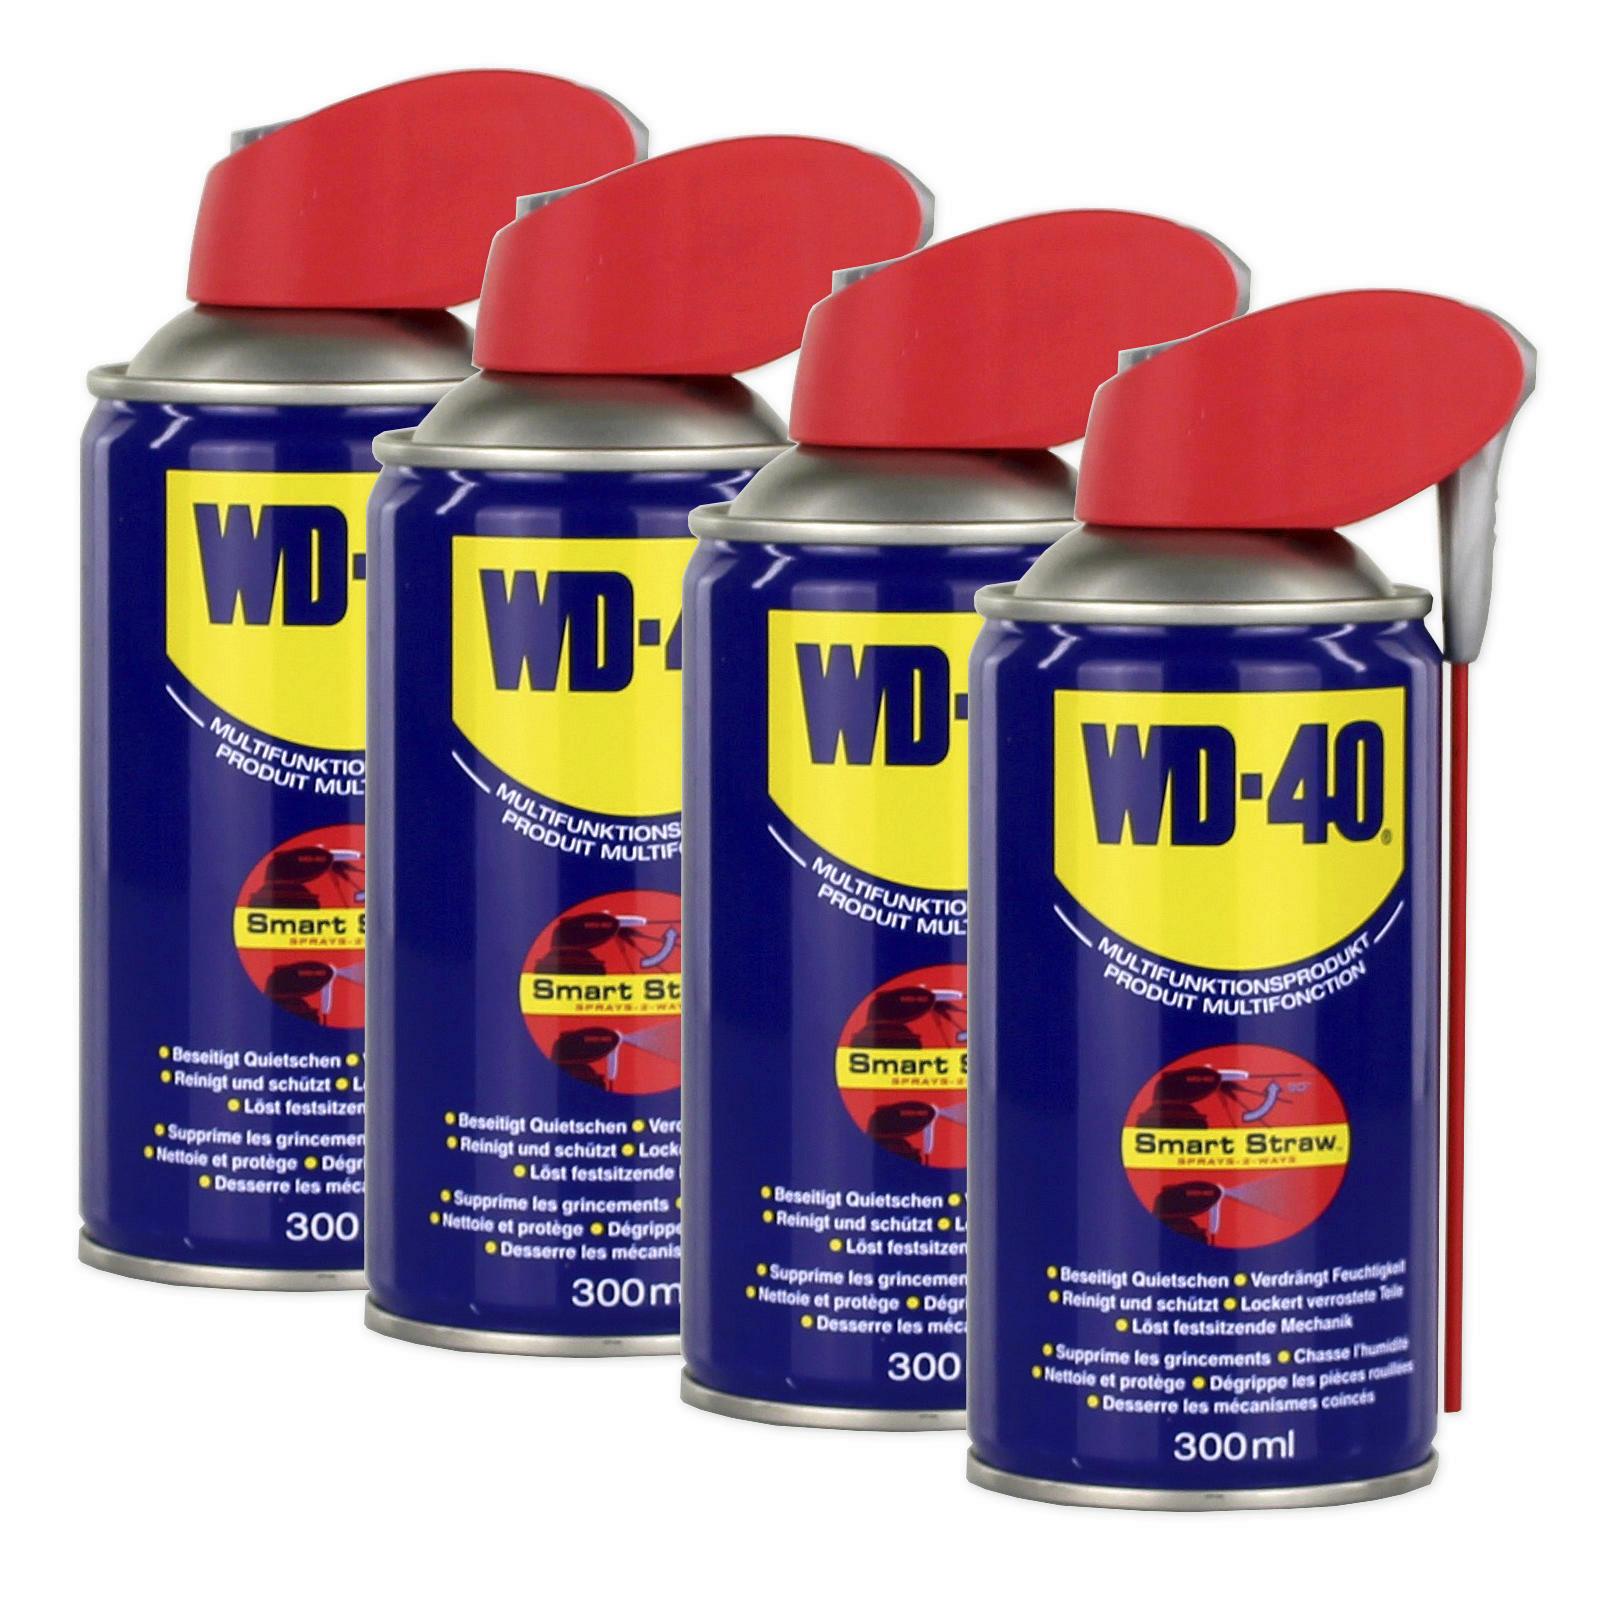 4x WD-40 Smartstraw 300 ml